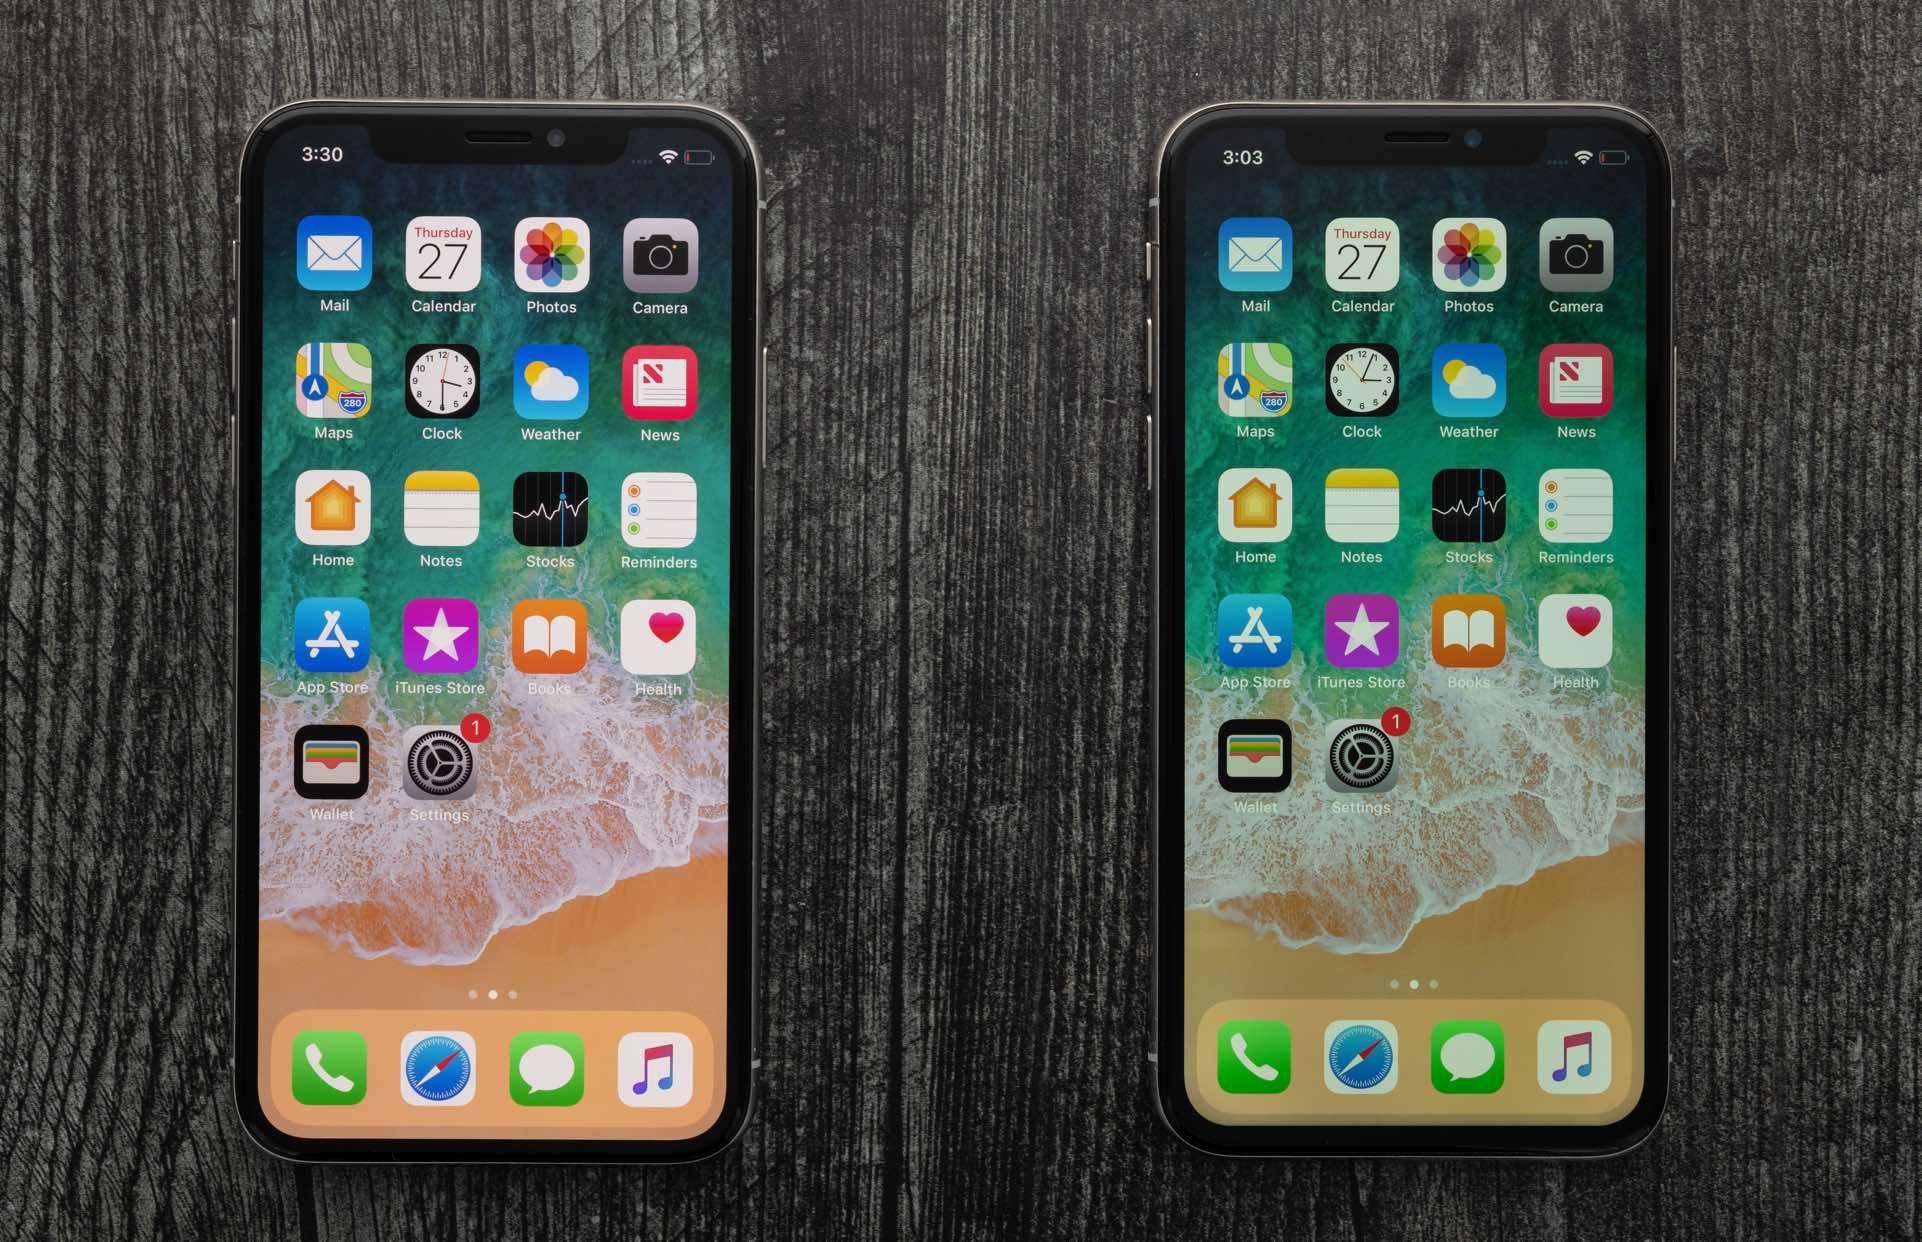 iPhone'y X i XS – tańsza wymiana ekranu? To możliwe, ale nie będzie to OLED 19